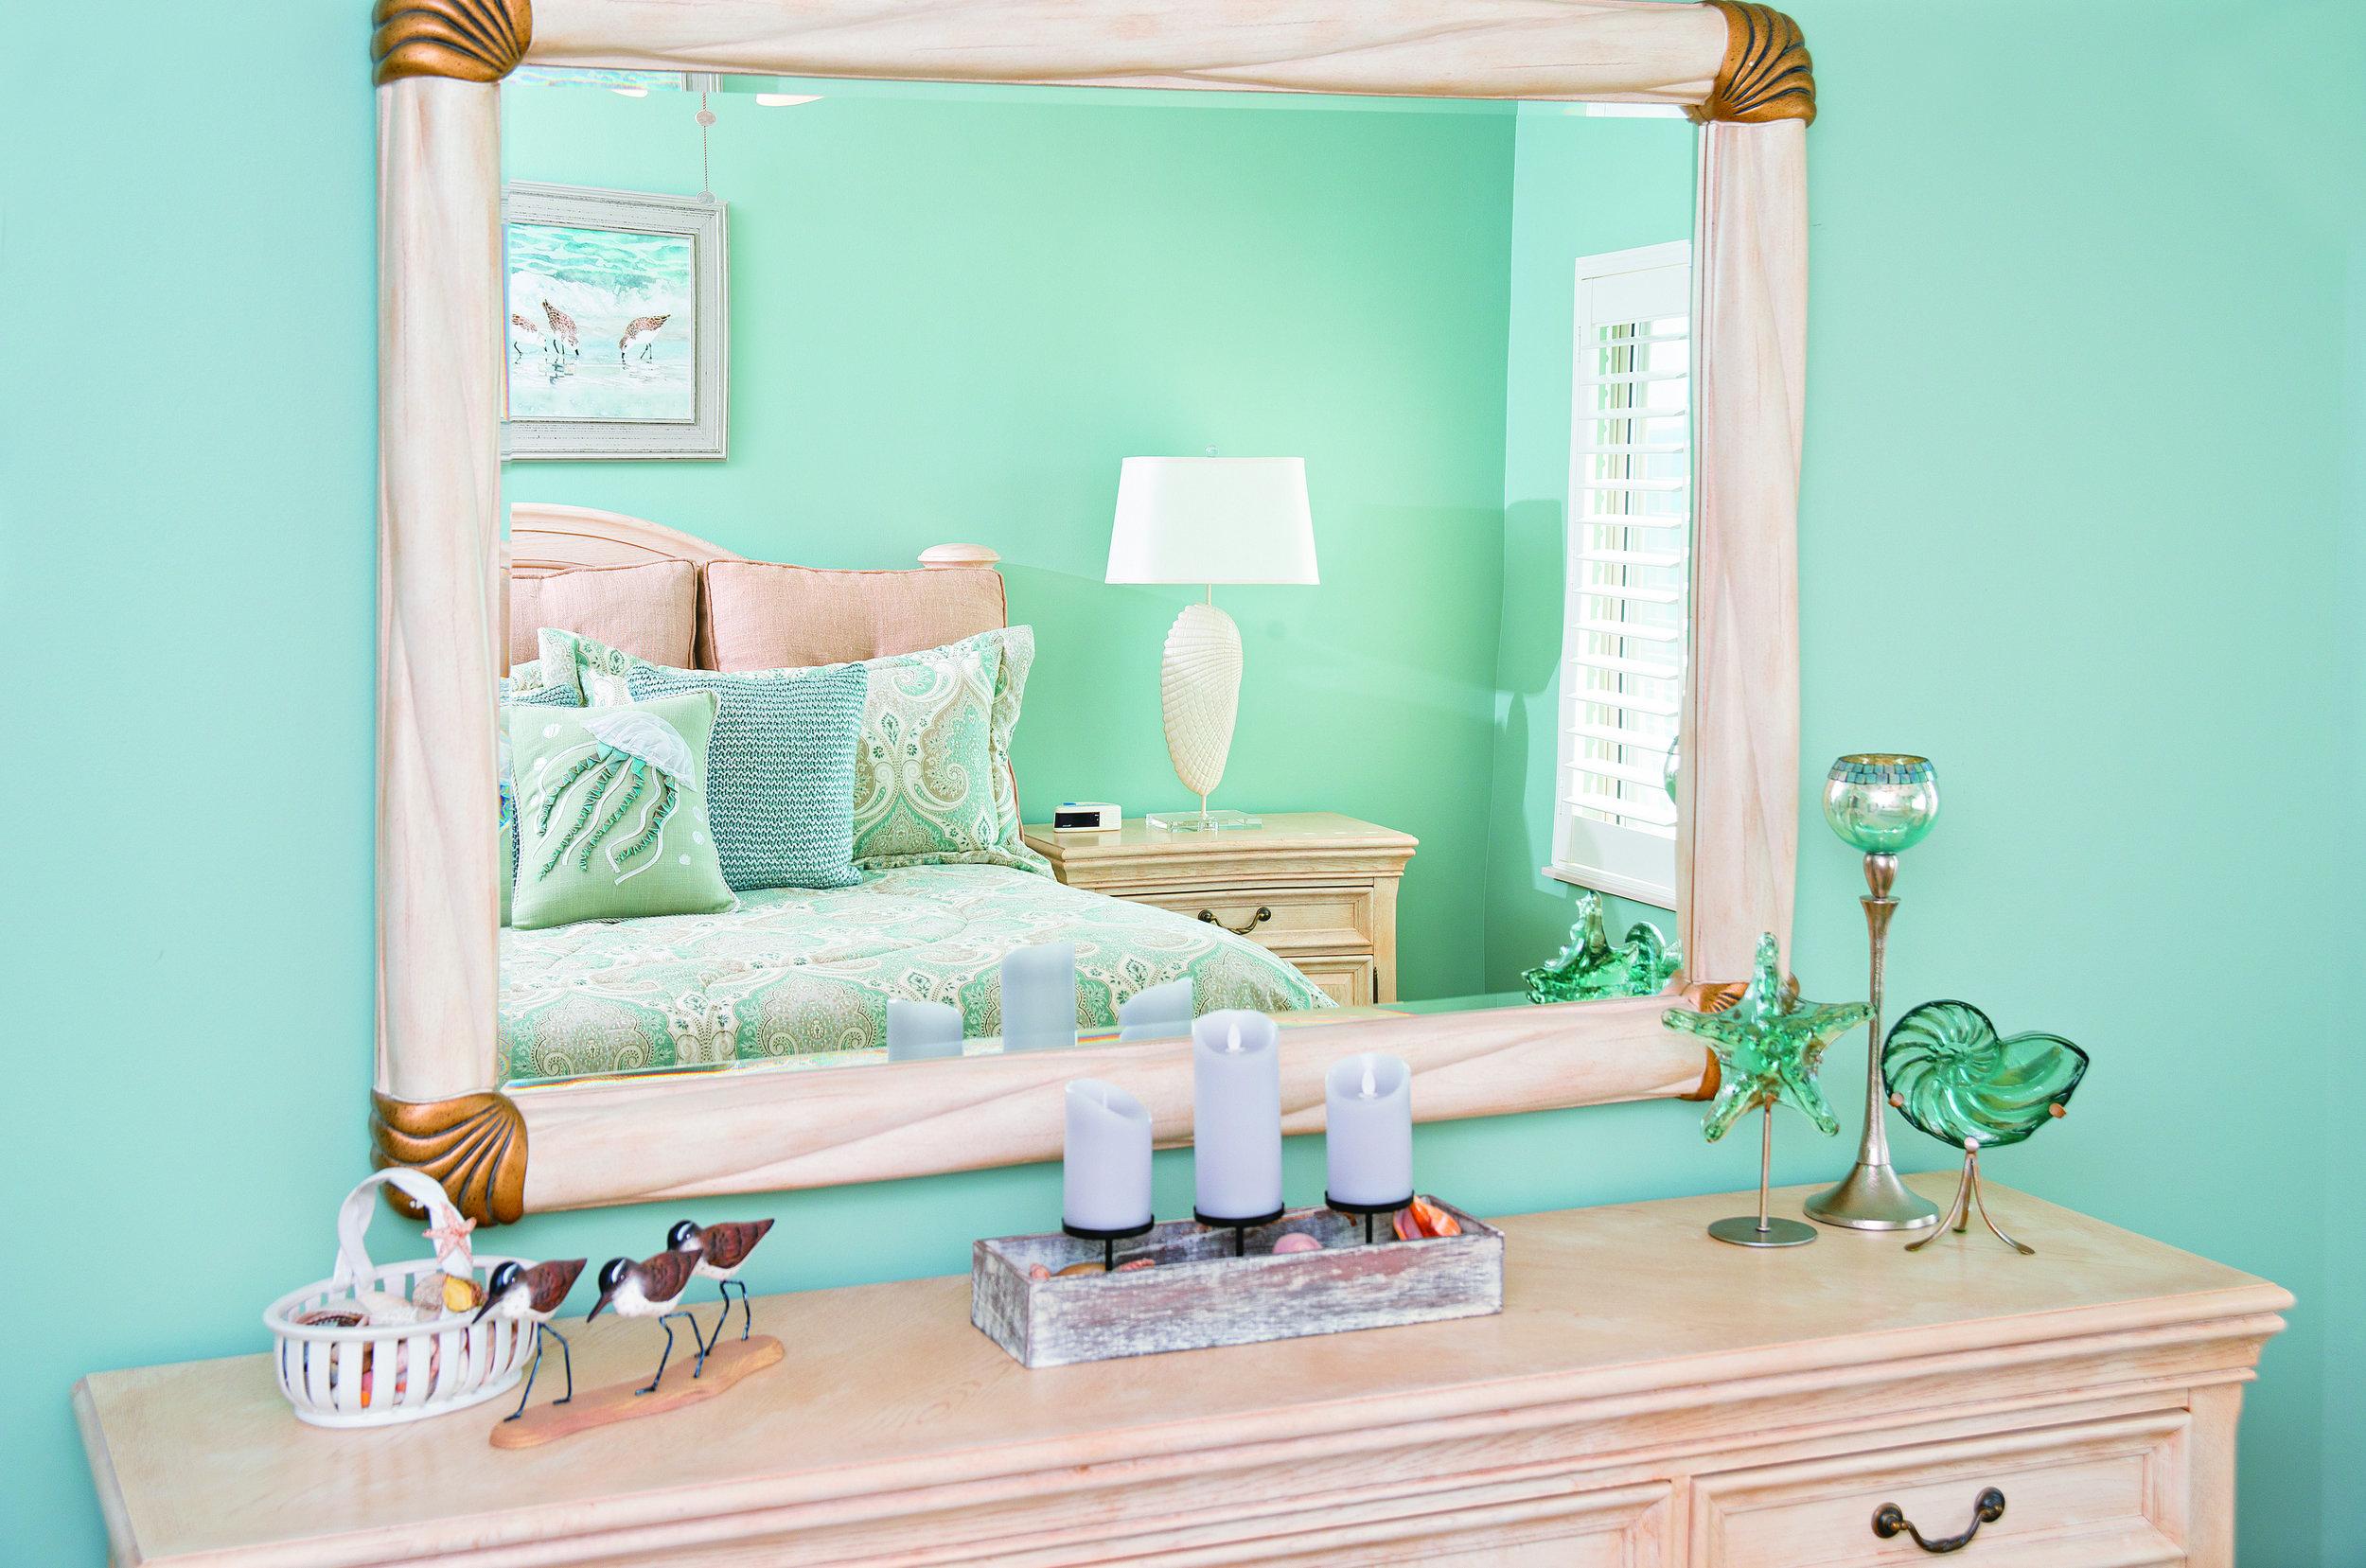 rsz_master_bedroom_mirror.jpg